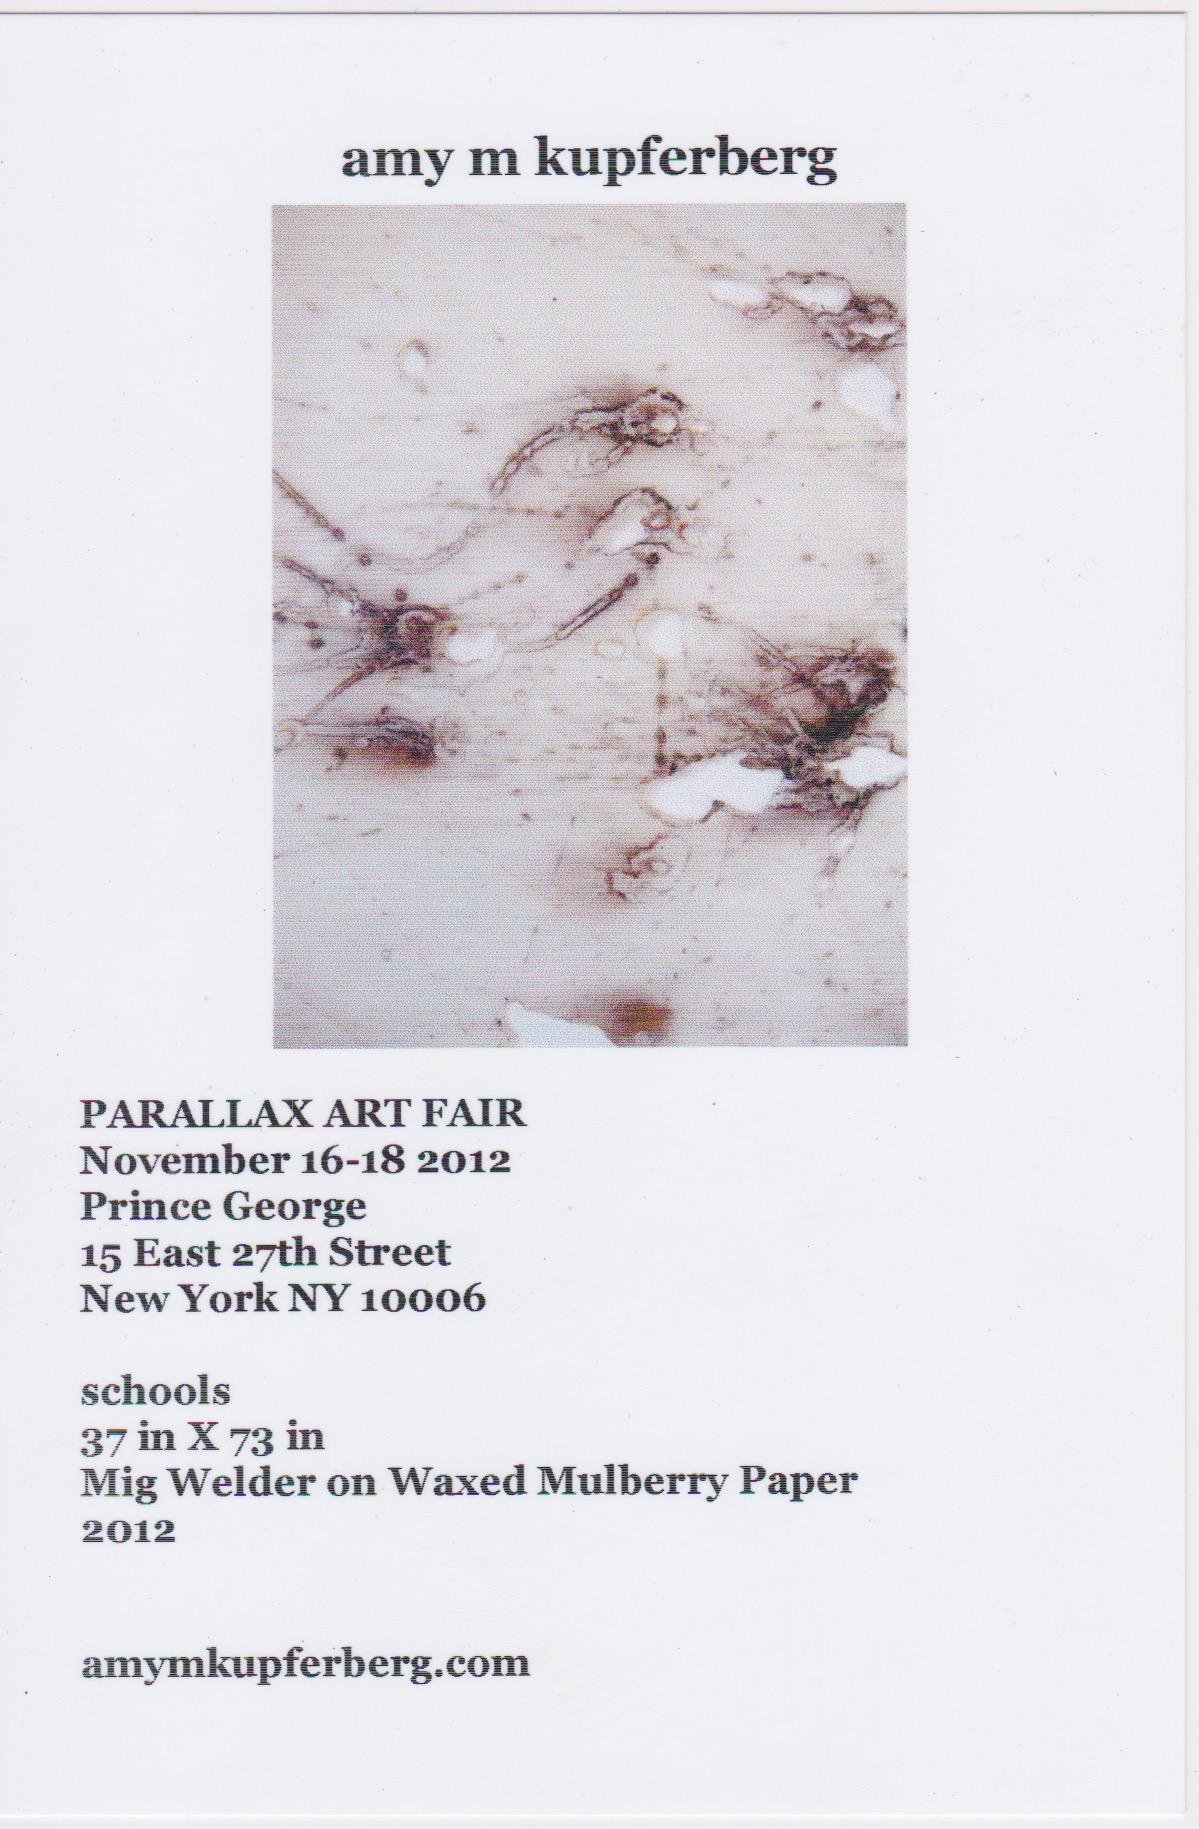 parallax art fair 2012.jpg